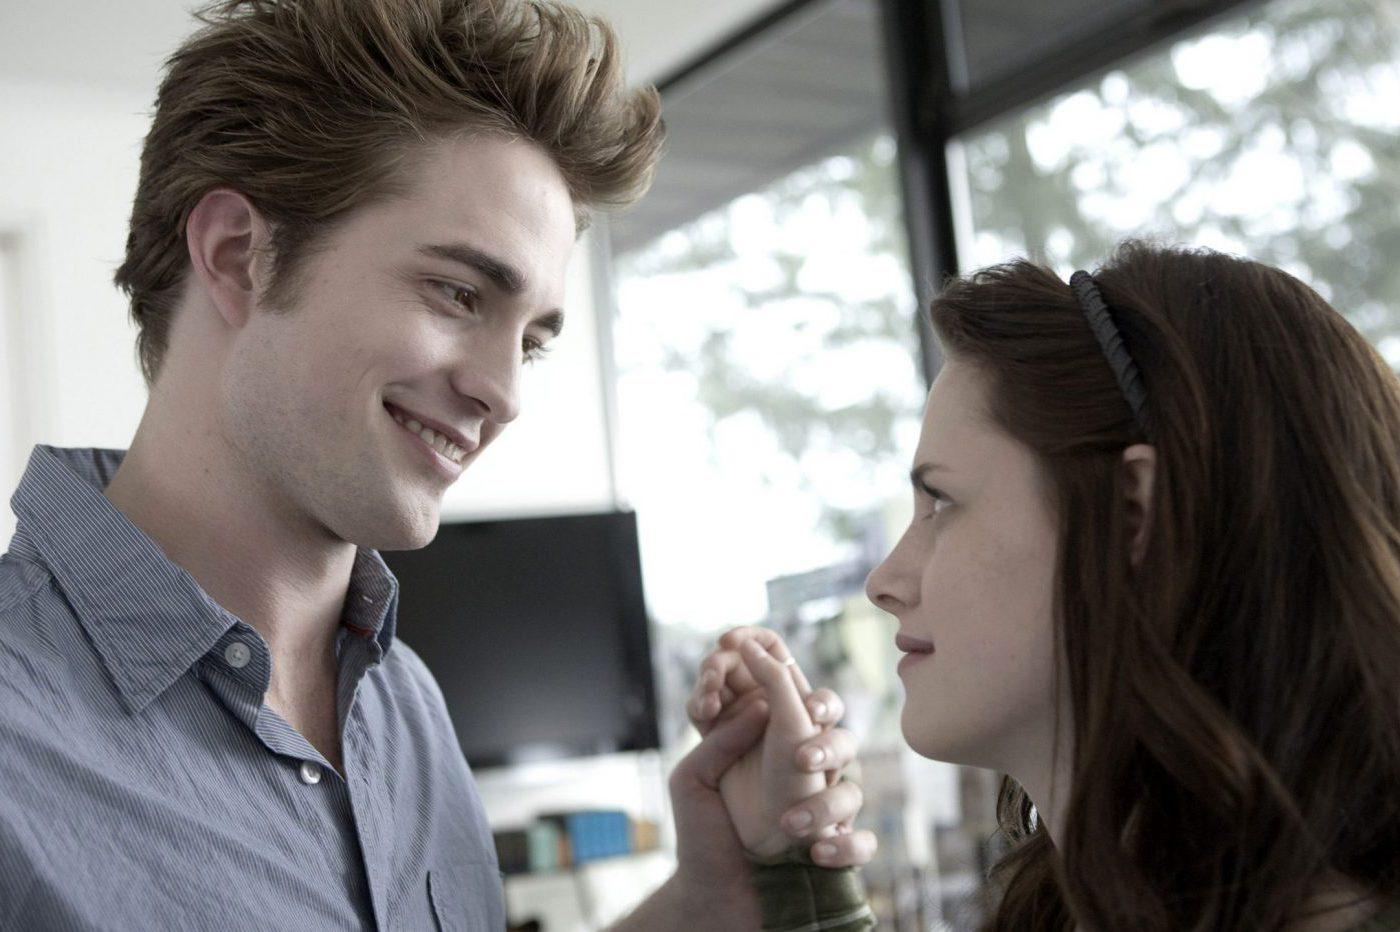 Mauvaise nouvelle, la saga Twilight n'est pas encore terminée